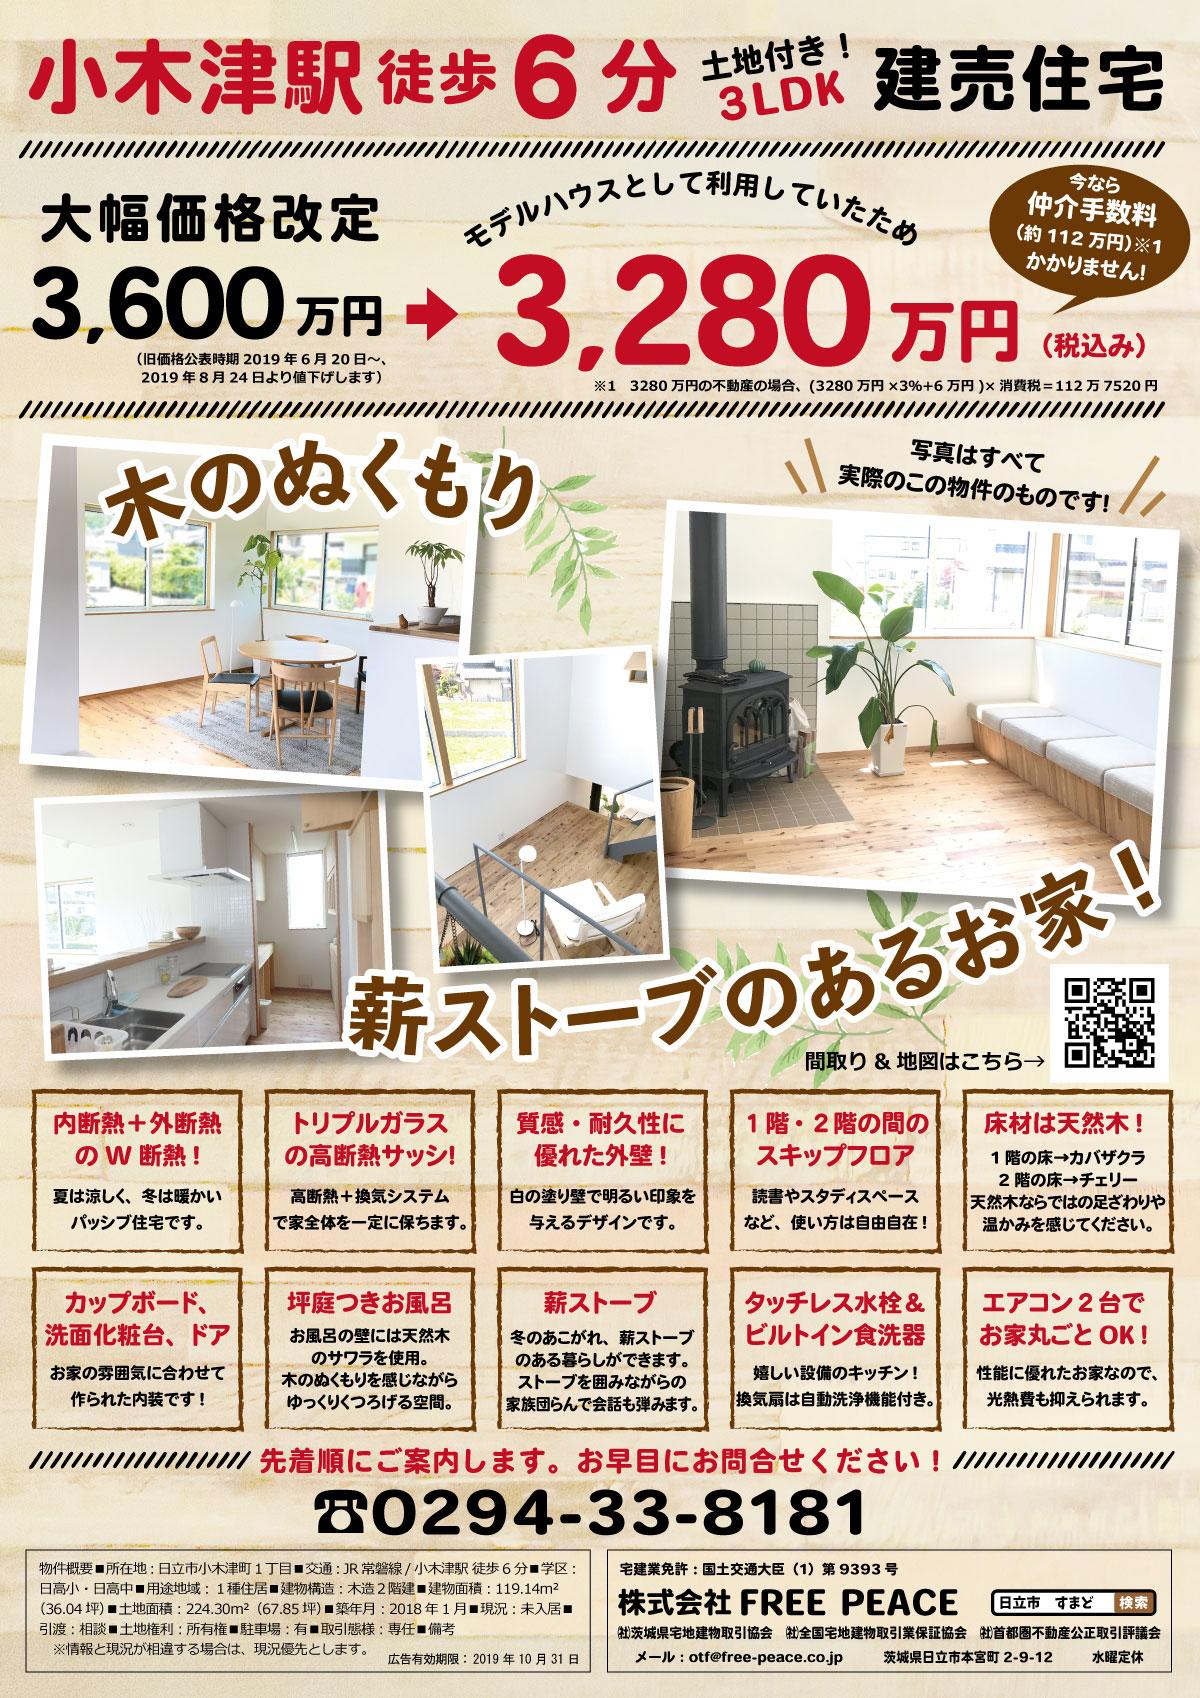 8/24-25に小木津町モデルハウスを大幅価格改定!現地販売会いたします!